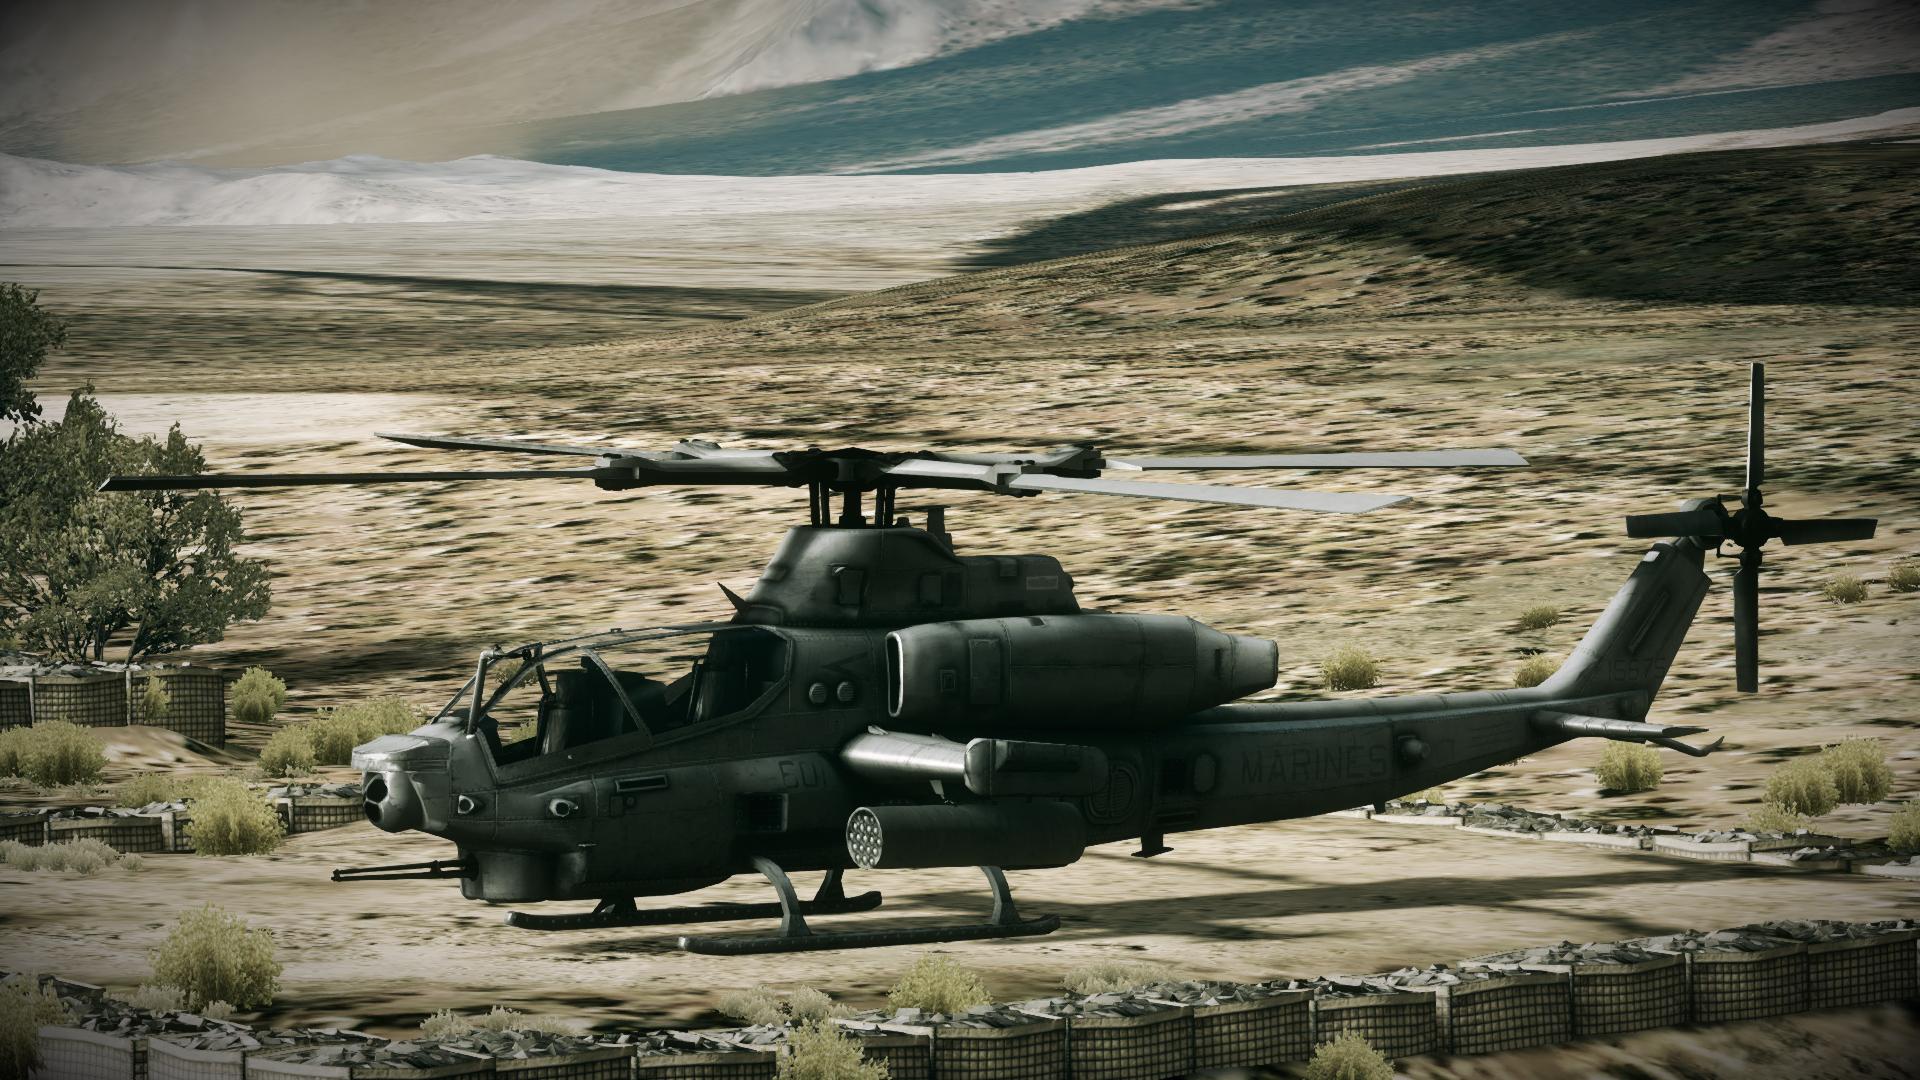 미 해병대 AH-1Z 바이퍼 상륙 공격헬기 2 - 자주국방네트워크-미 해병대 AH-1Z 바이퍼 상륙 공격헬기 2